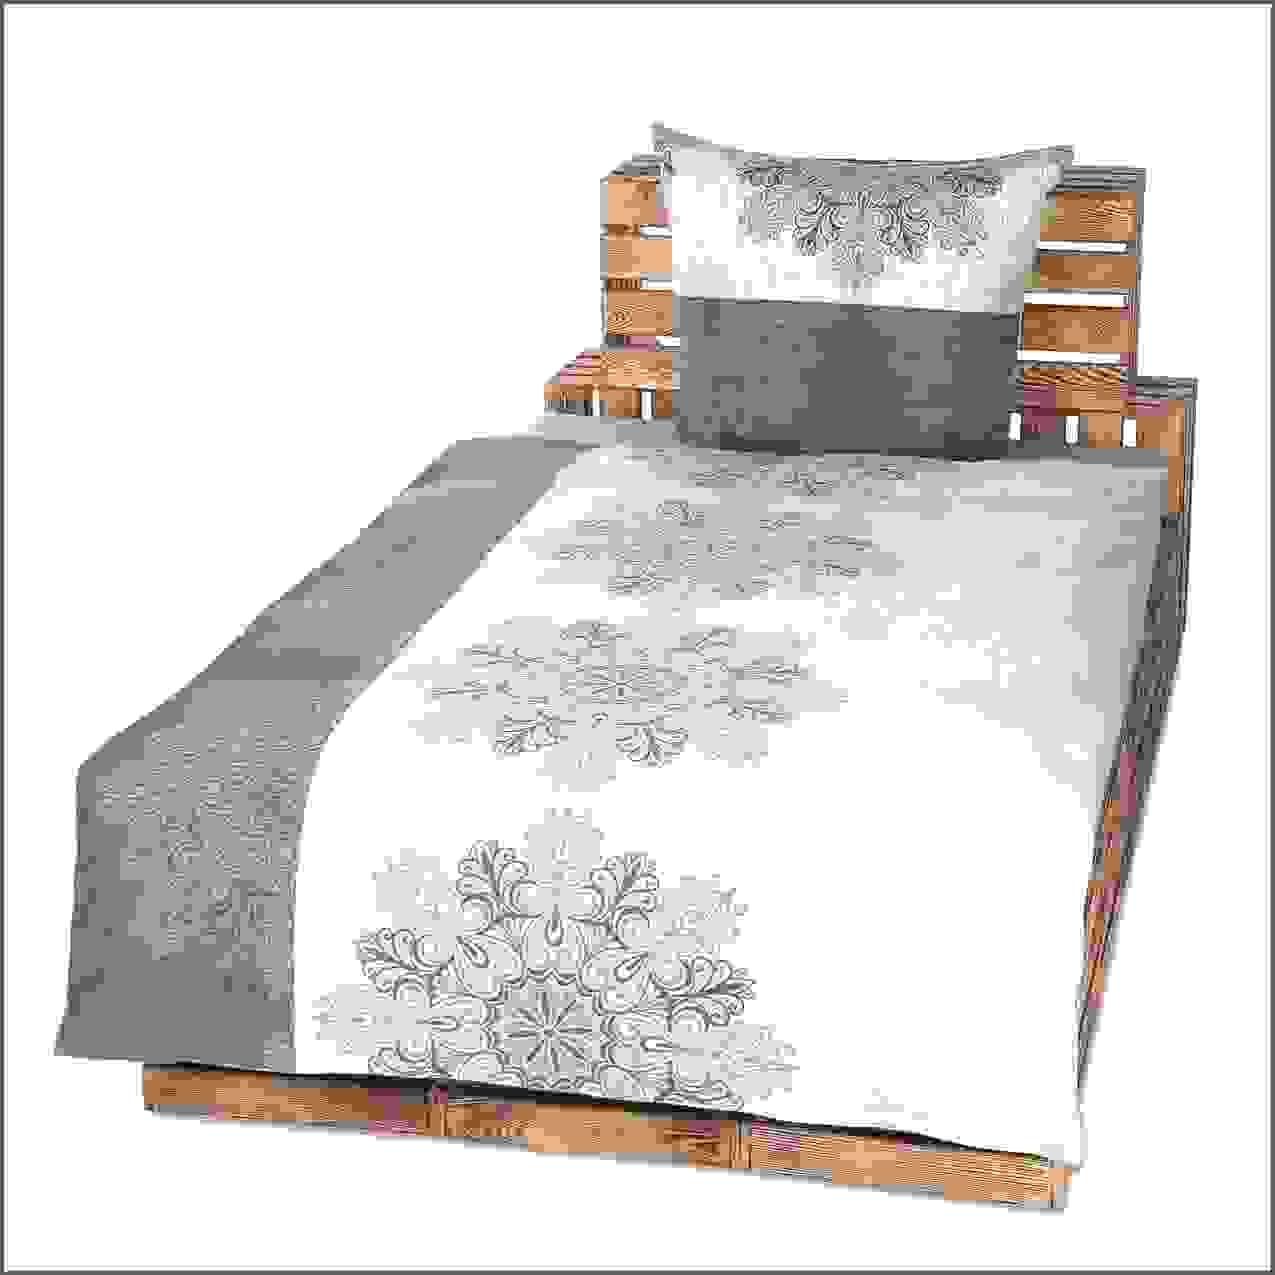 Bettwäsche In Vielen Designs Online Bestellen — Qvc Von Teddy von Teddy Bettwäsche Qvc Photo